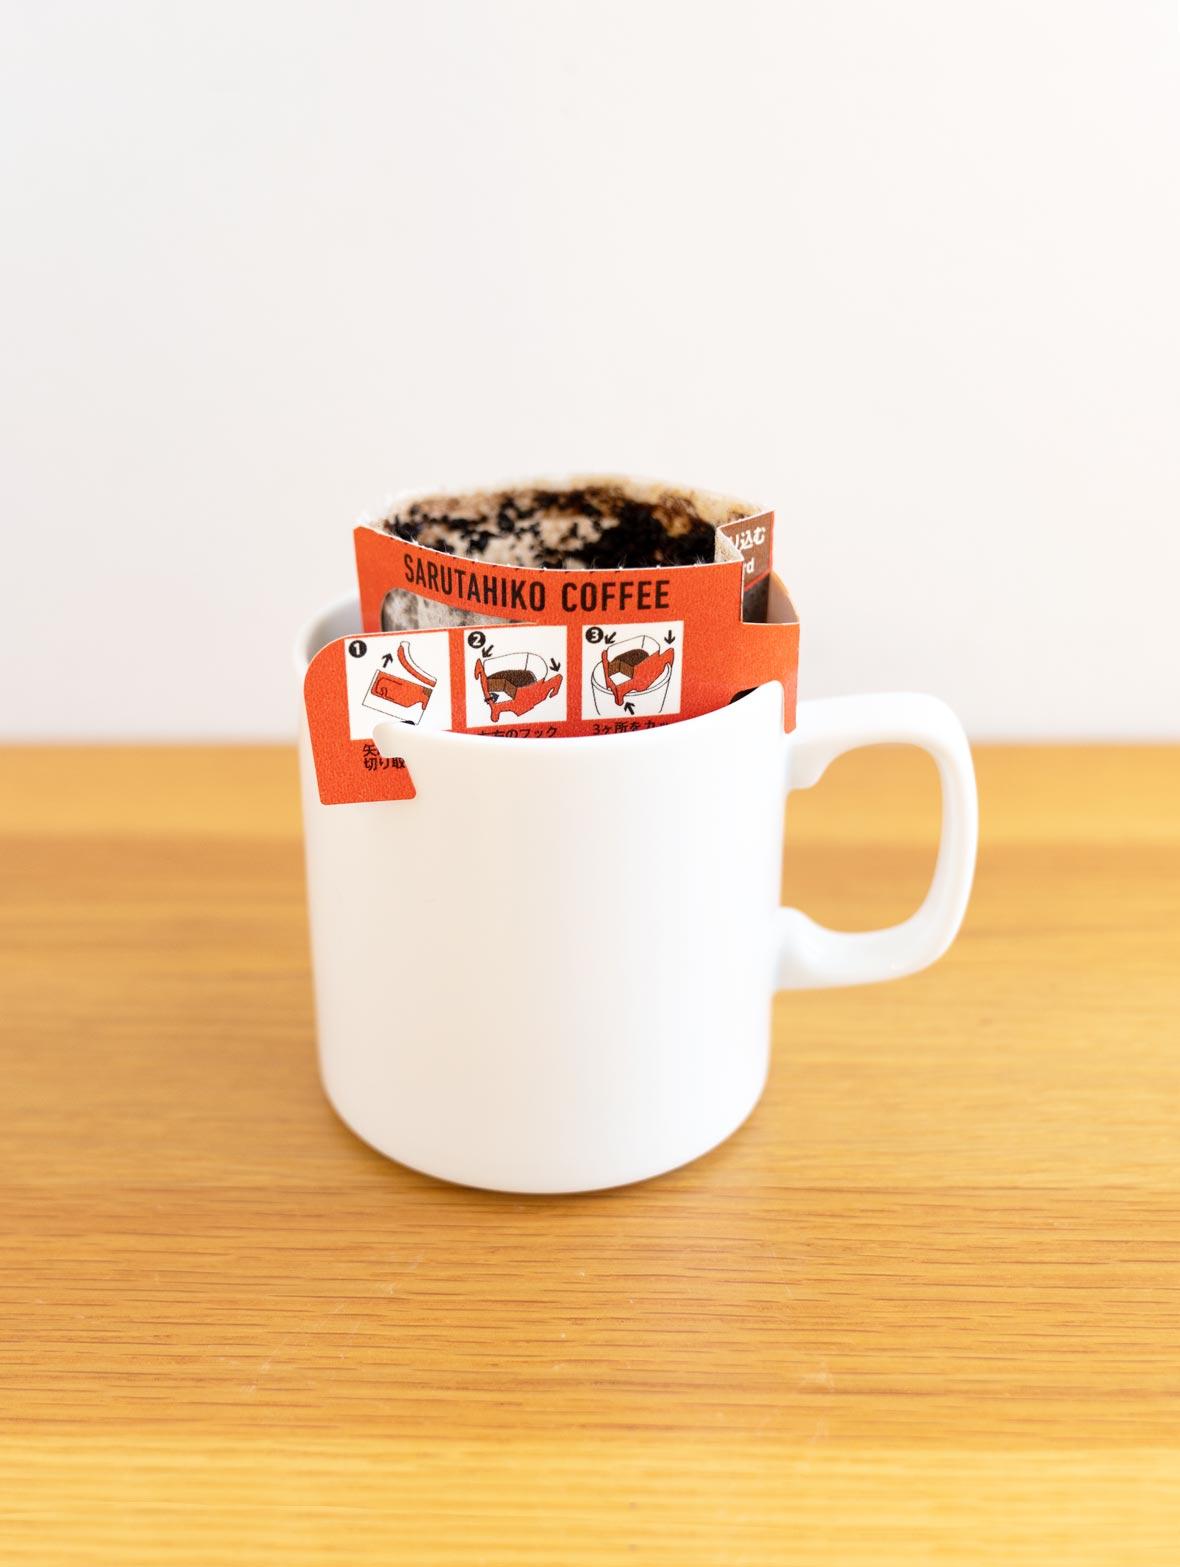 【2020展覧会公式】ドリップバッグコーヒー(陶器シリーズ)(5枚入り)